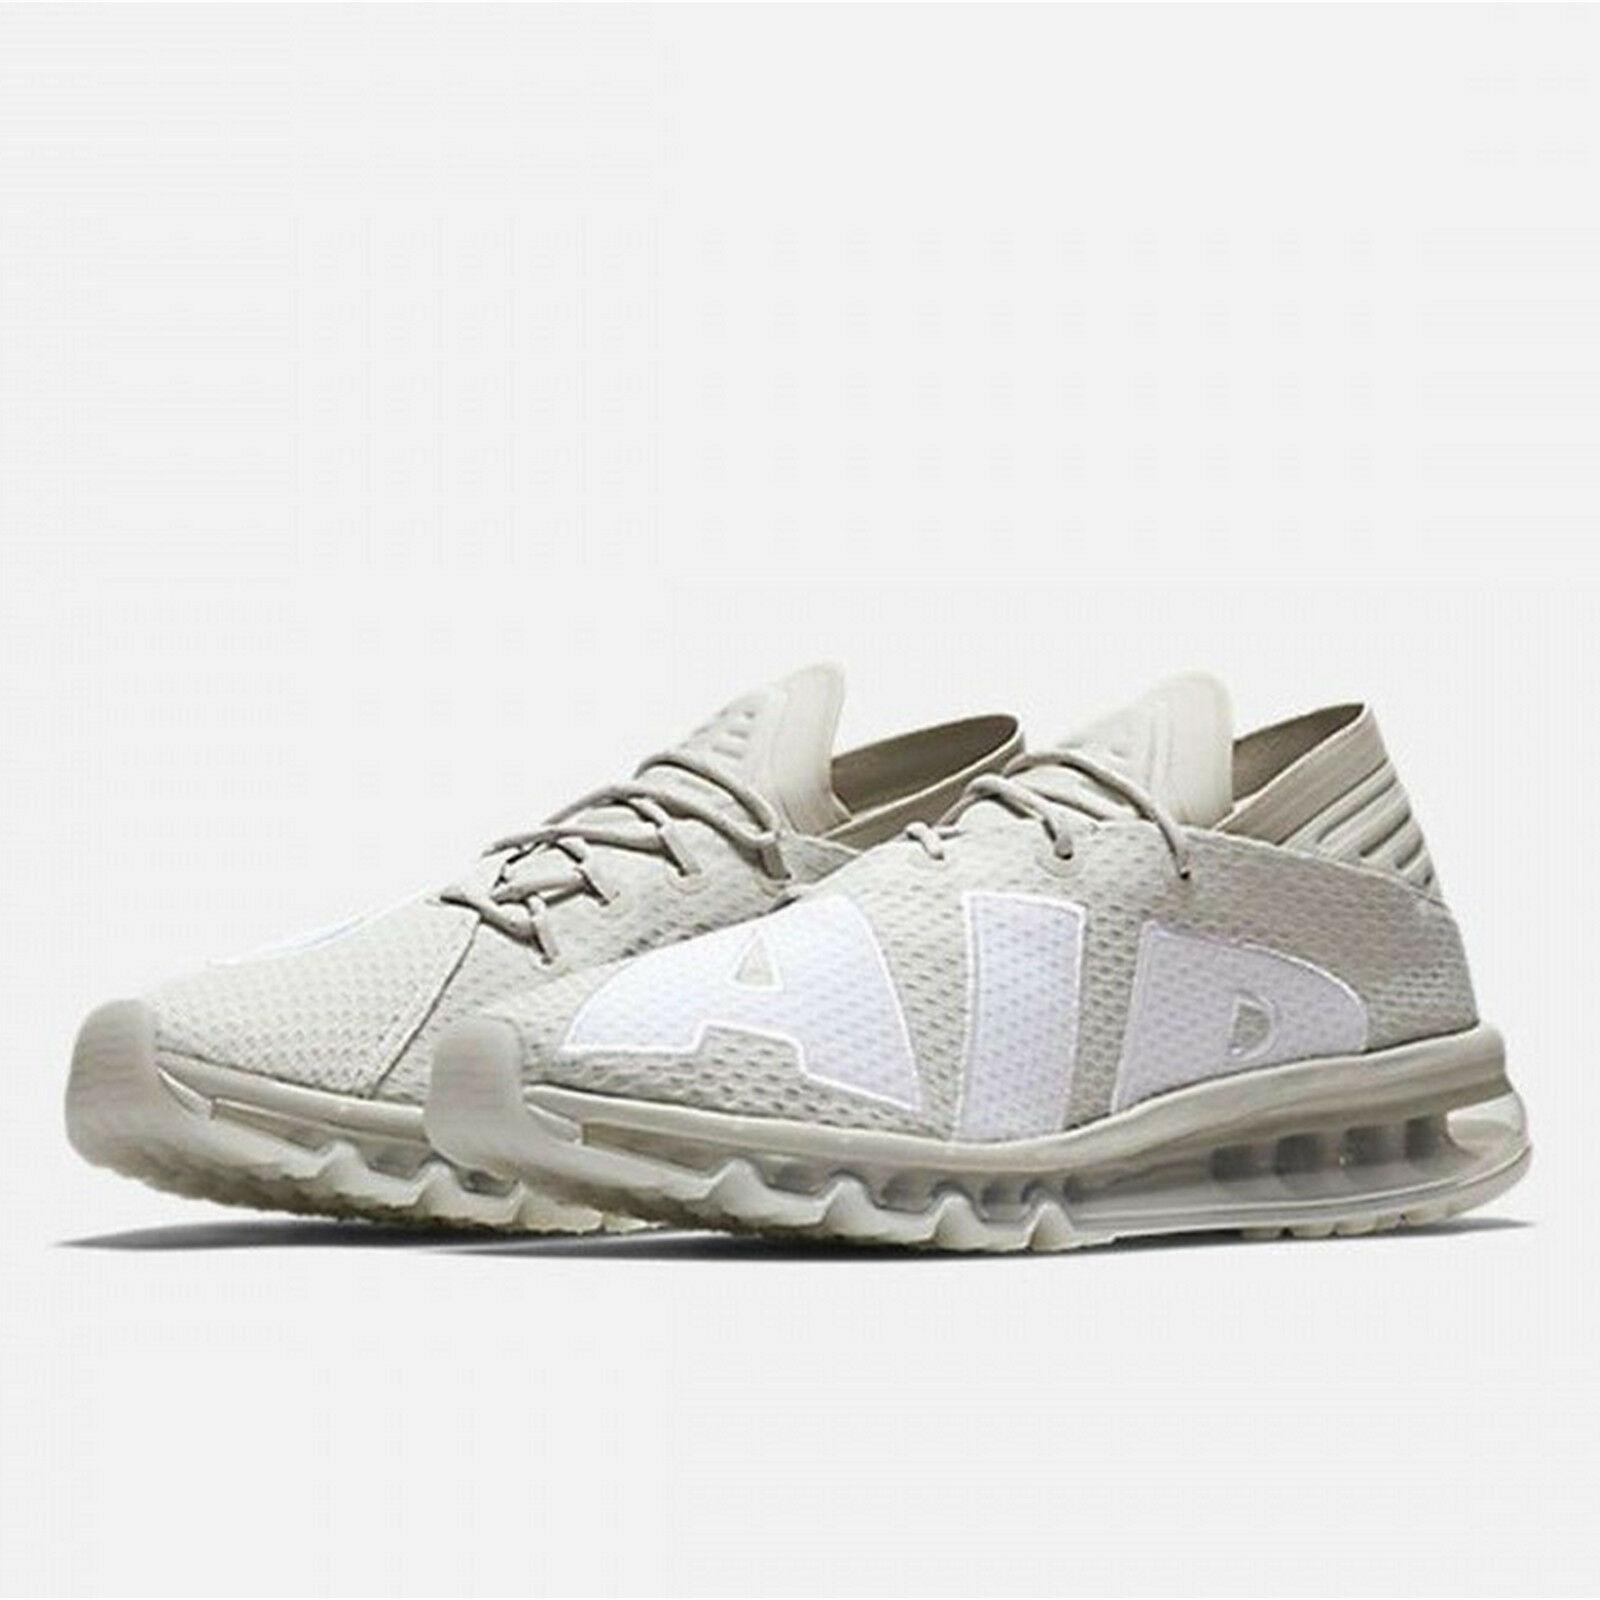 NIKE AIR MAX FLAIR <942236 - 005> Light Bone,Men's Sportwear Running Shoes.NWB